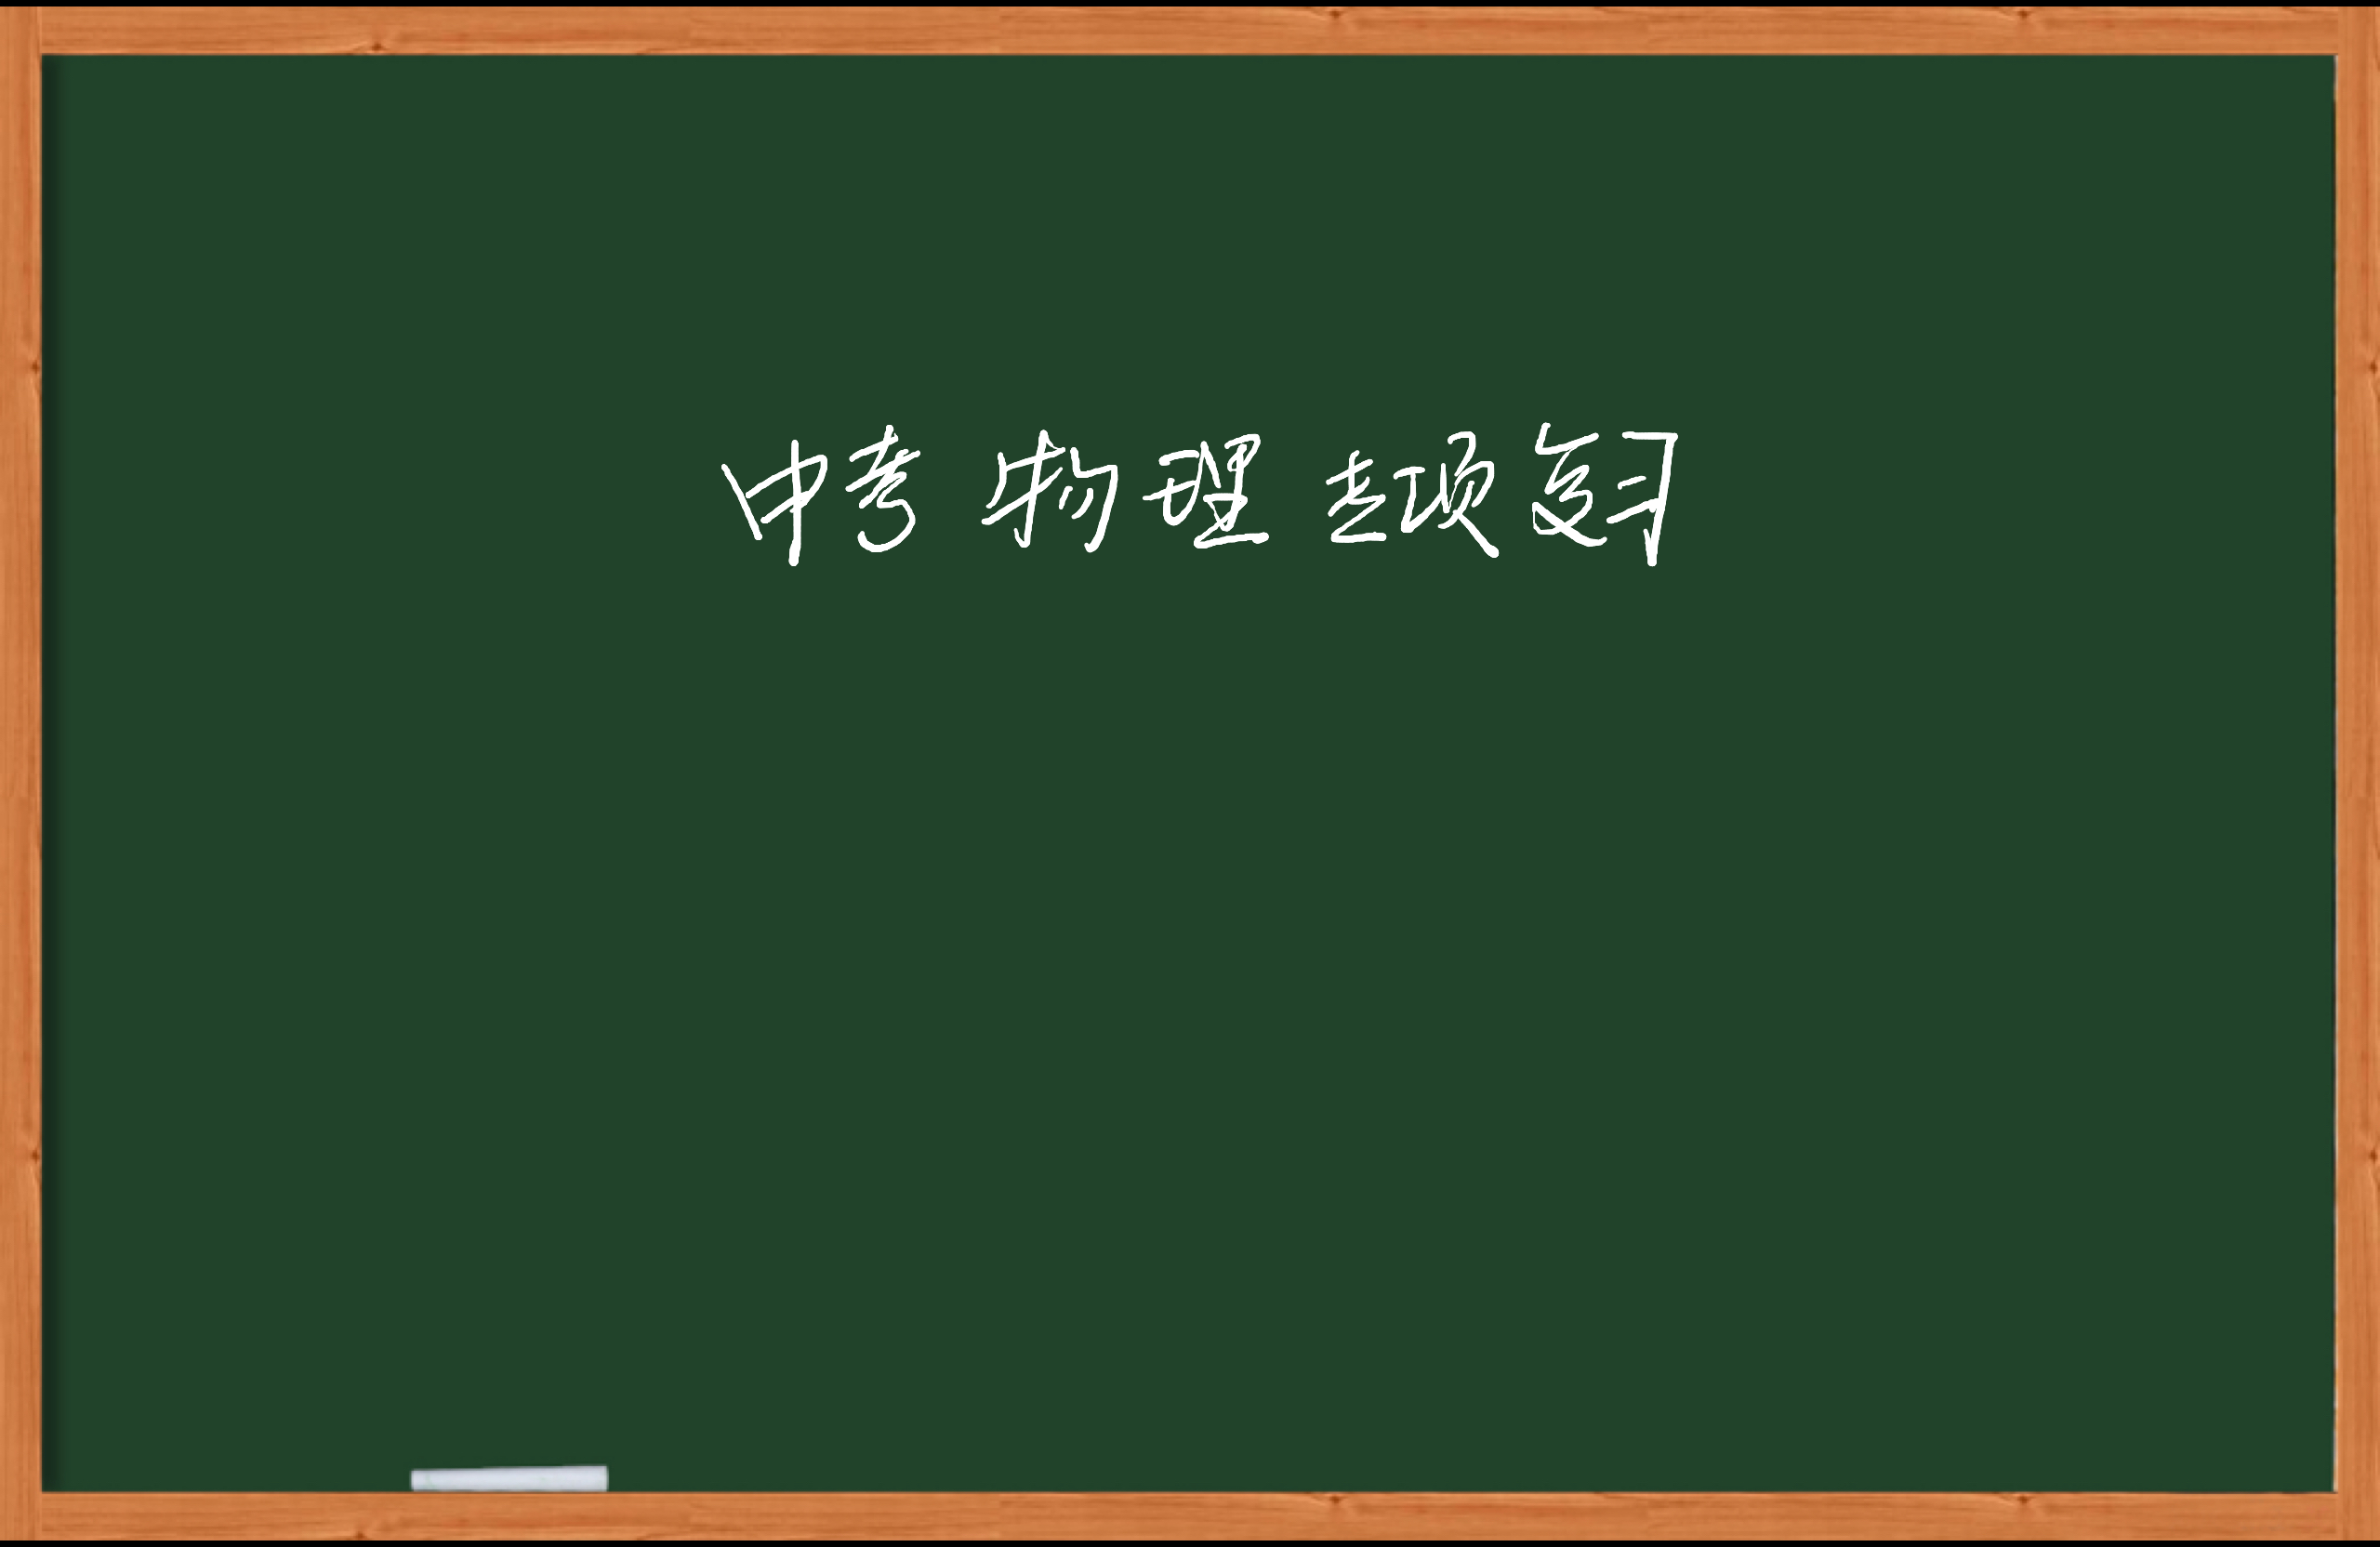 初中物理-光现象-虎斑教育